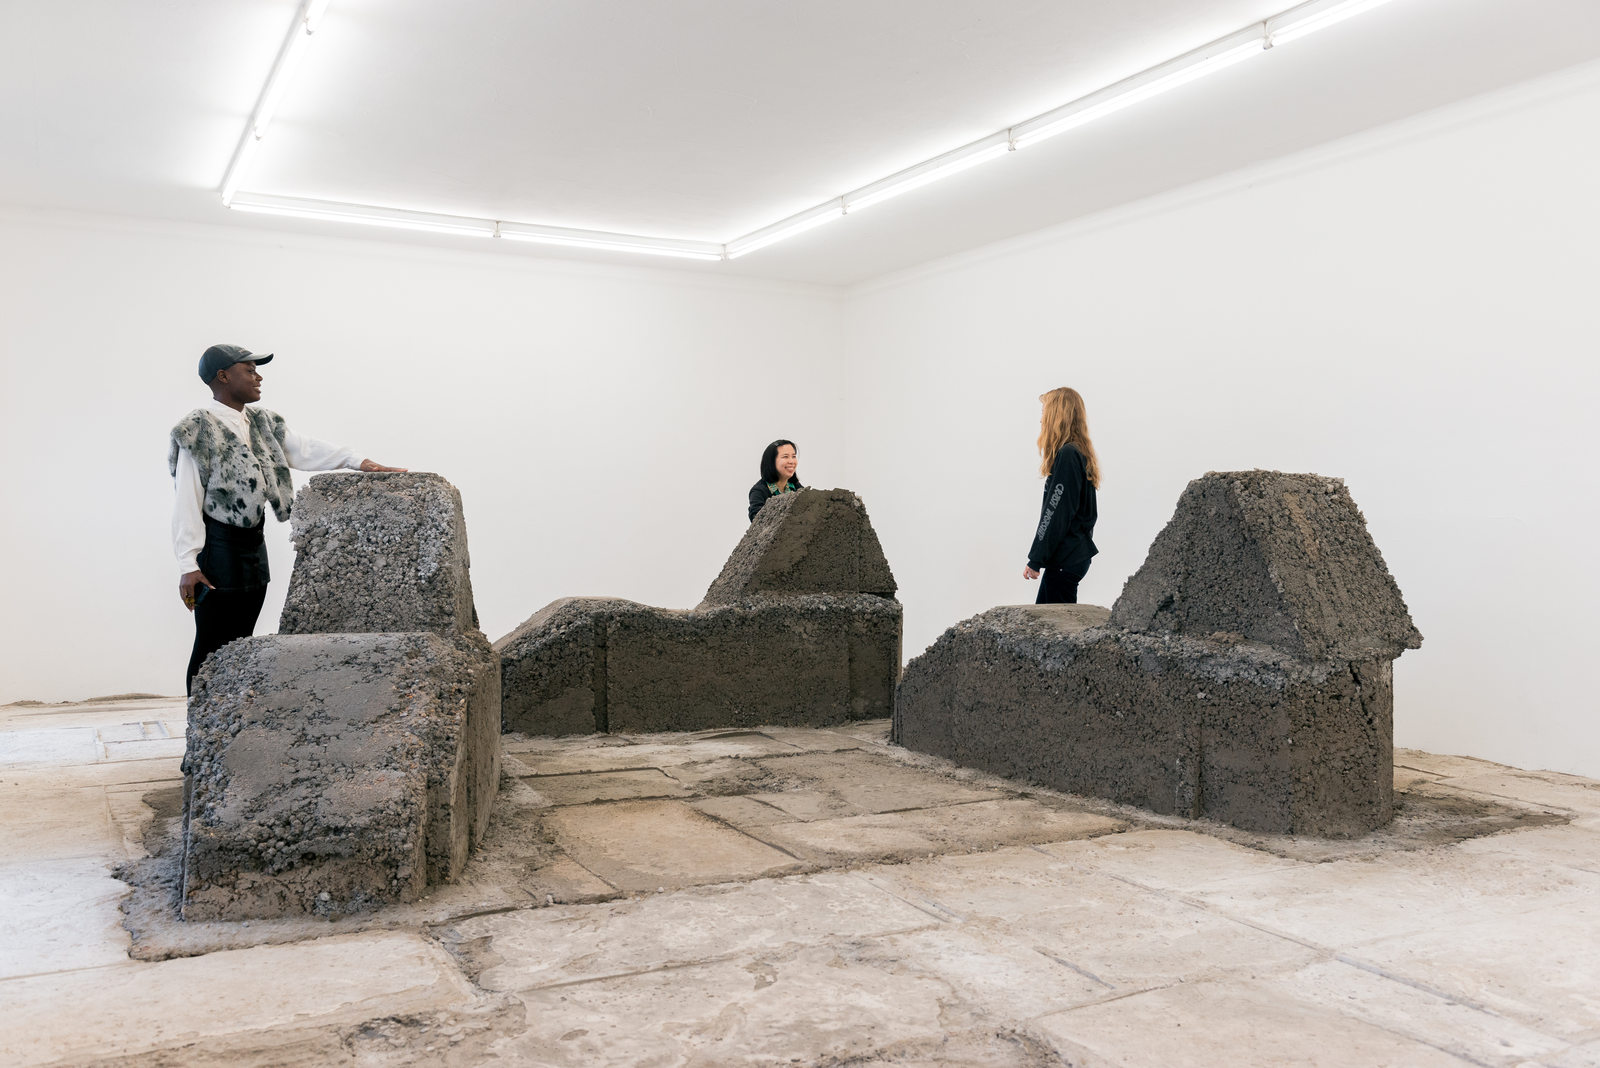 Tiril Hasselknippe at Kunstverein Braunschweig_01